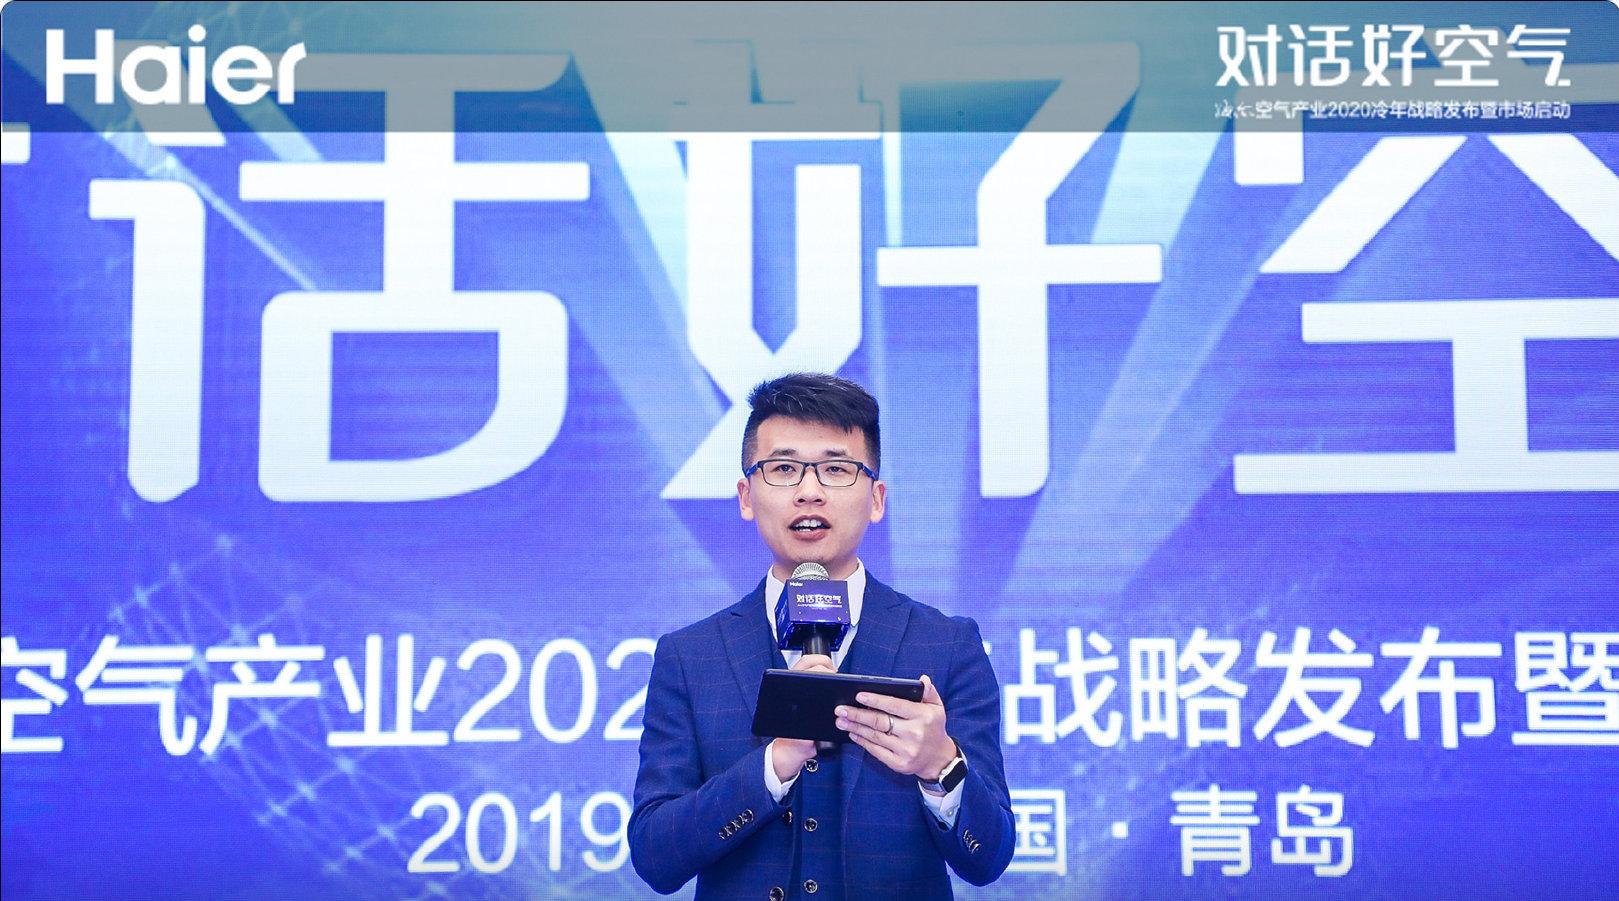 青岛主持人鲁飞 海尔空气产业2020冷年战略发布暨市场启动会开场主持